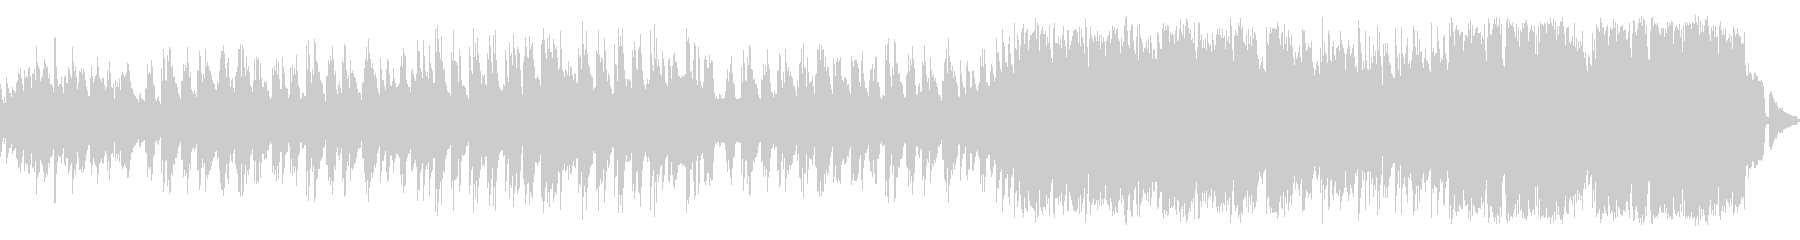 穏やかで優しいメロディアスなピアノワルツの未再生の波形